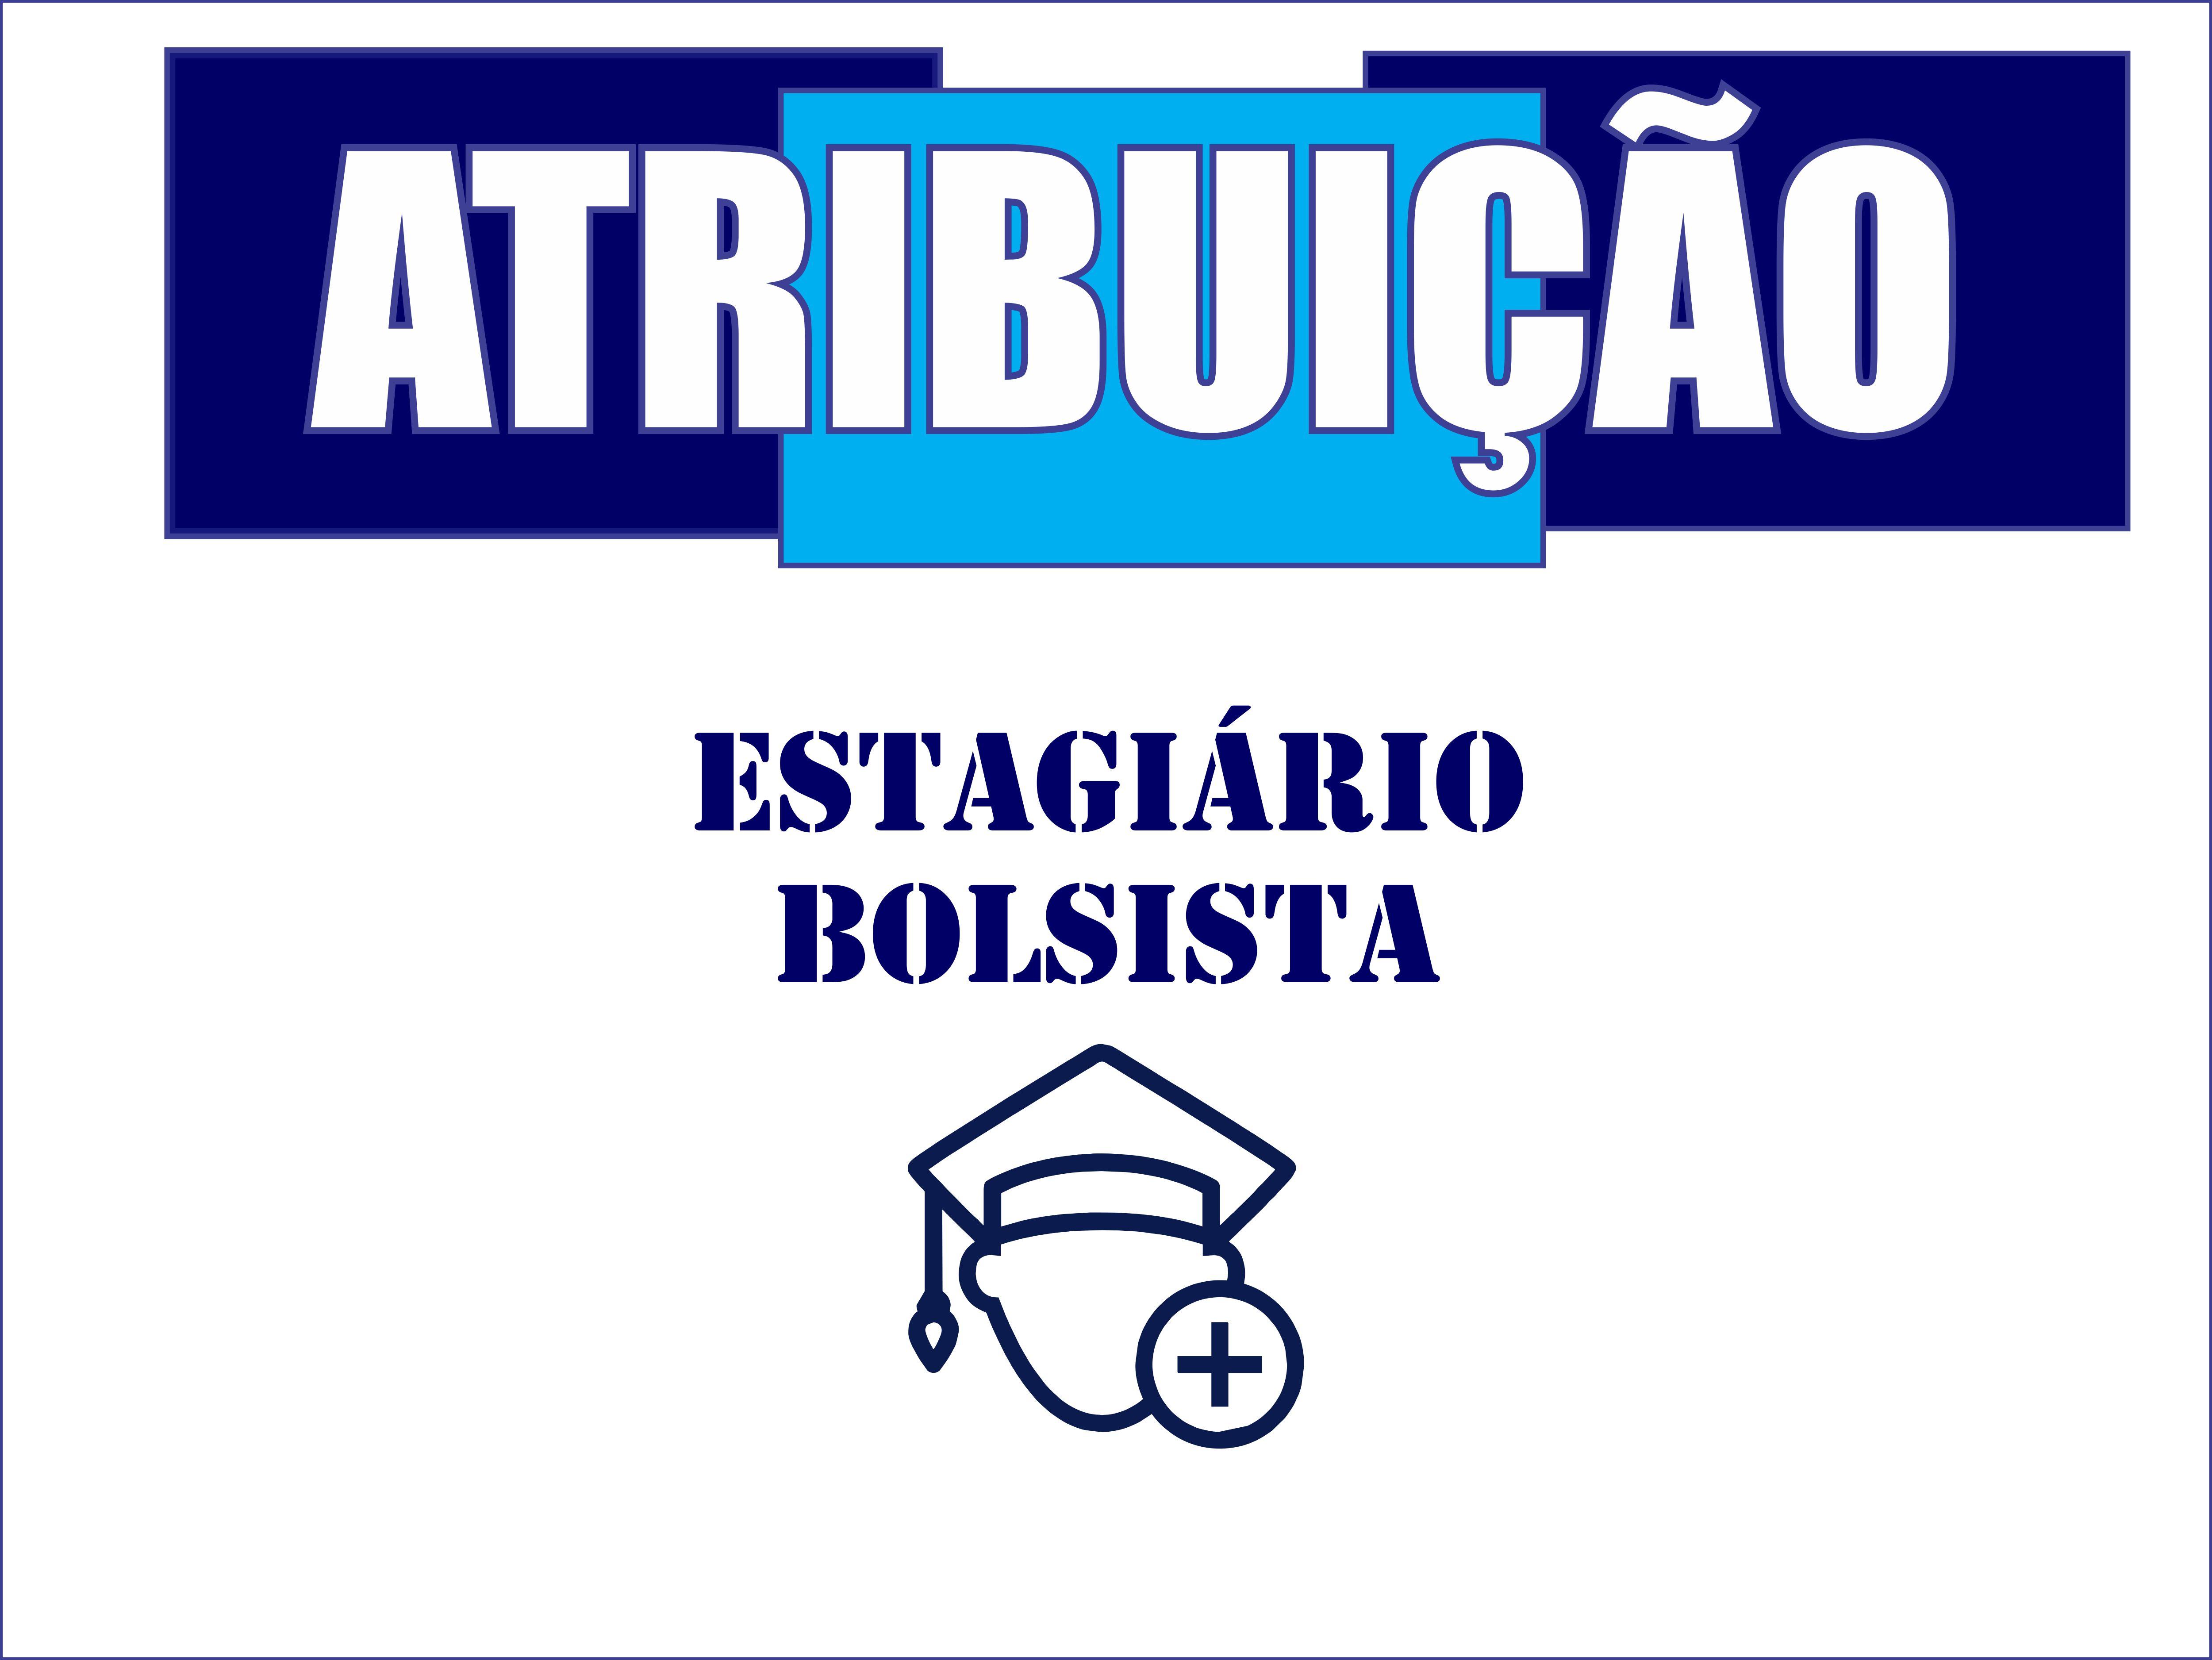 3ª  SESSÃO DE ATRIBUIÇÃO BOLSISTA ESTAGIÁRIO